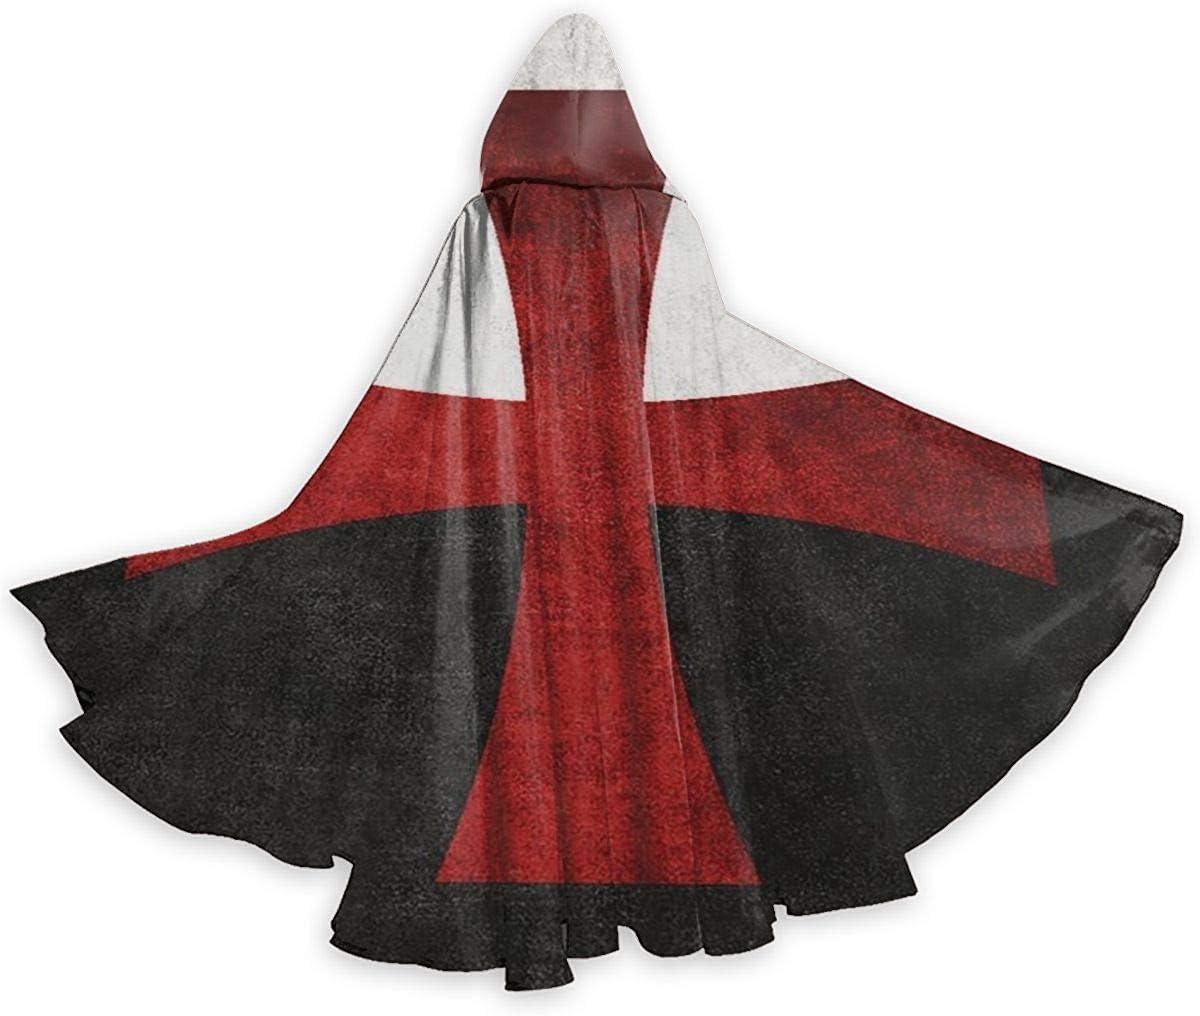 remmber me Cruz de Hierro Rojo Patrón Vintage Capa de Halloween Capa con Capucha Elegante con cordón Adulto Fresco Traje de Bruja Capa Extra Larga para Fiesta 59x15.8 Pulgadas